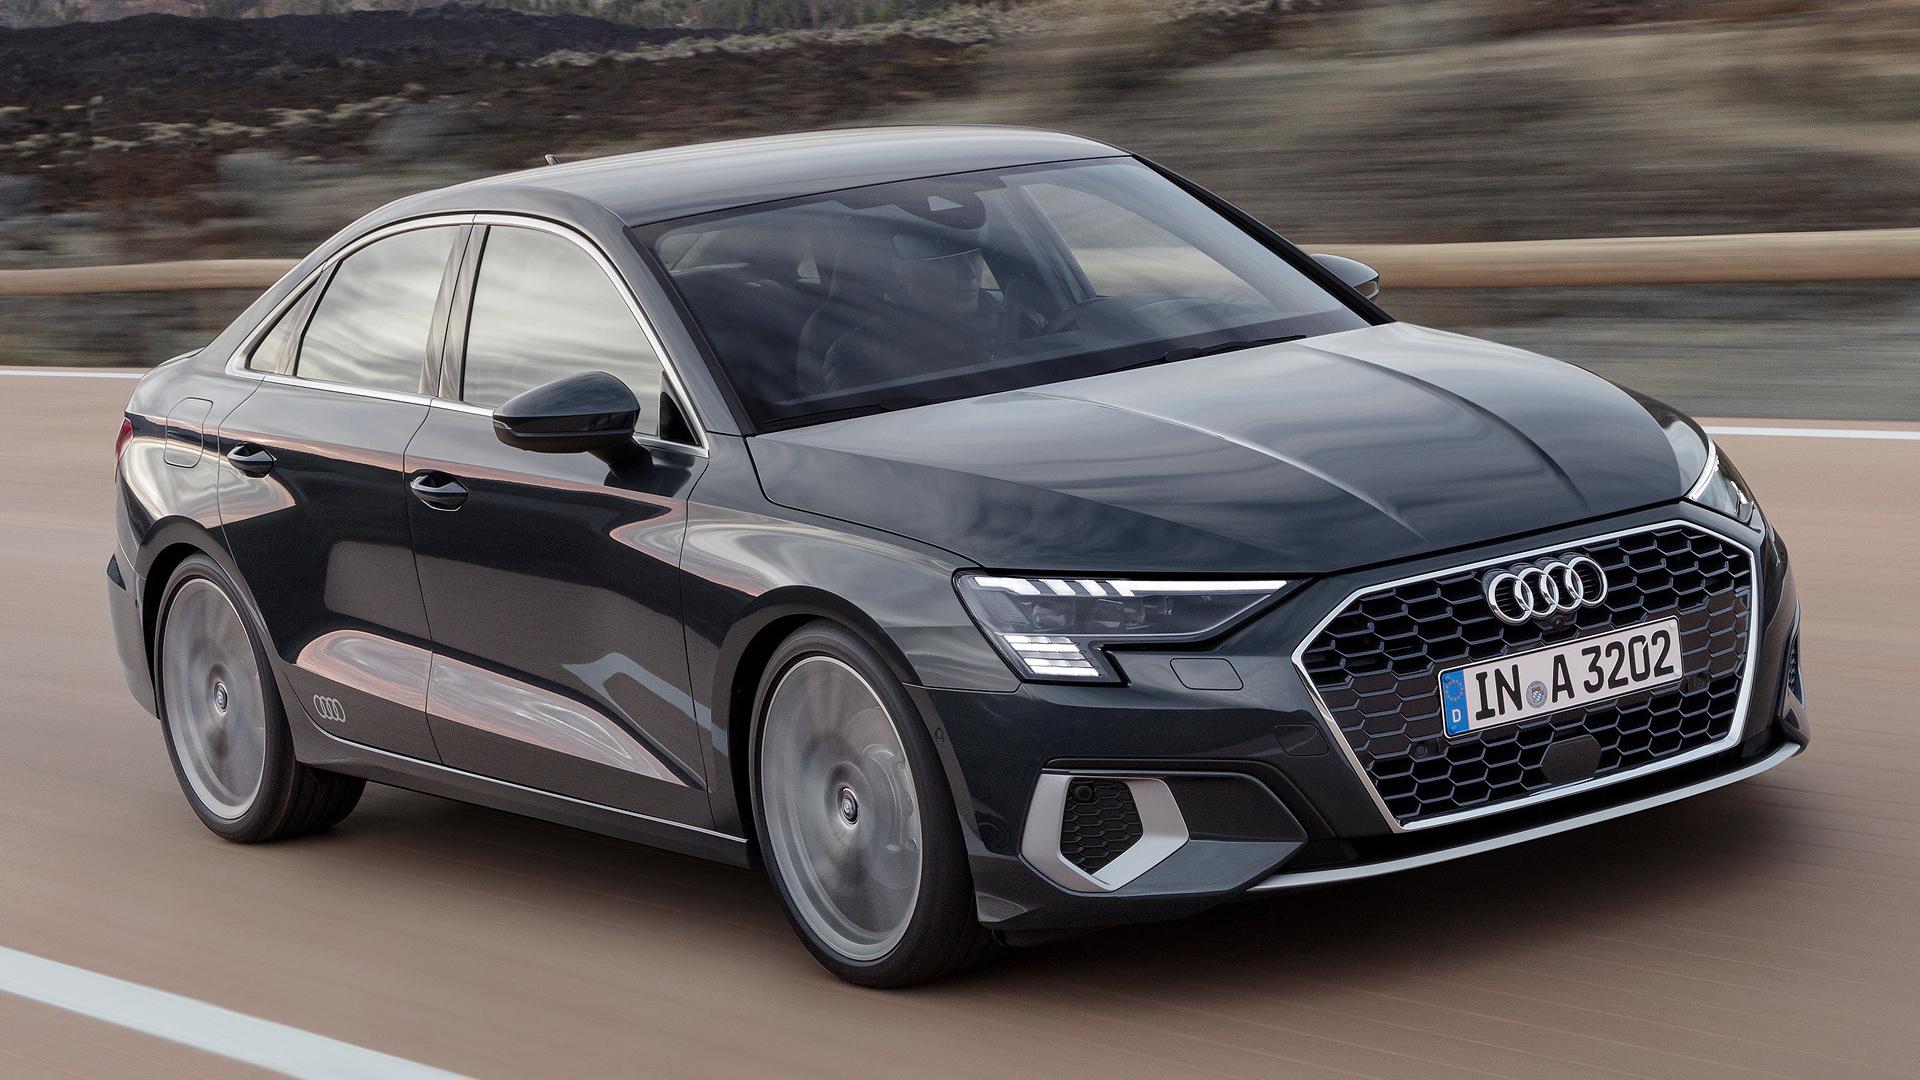 Kelebihan Kekurangan Audi S3 Sedan Top Model Tahun Ini